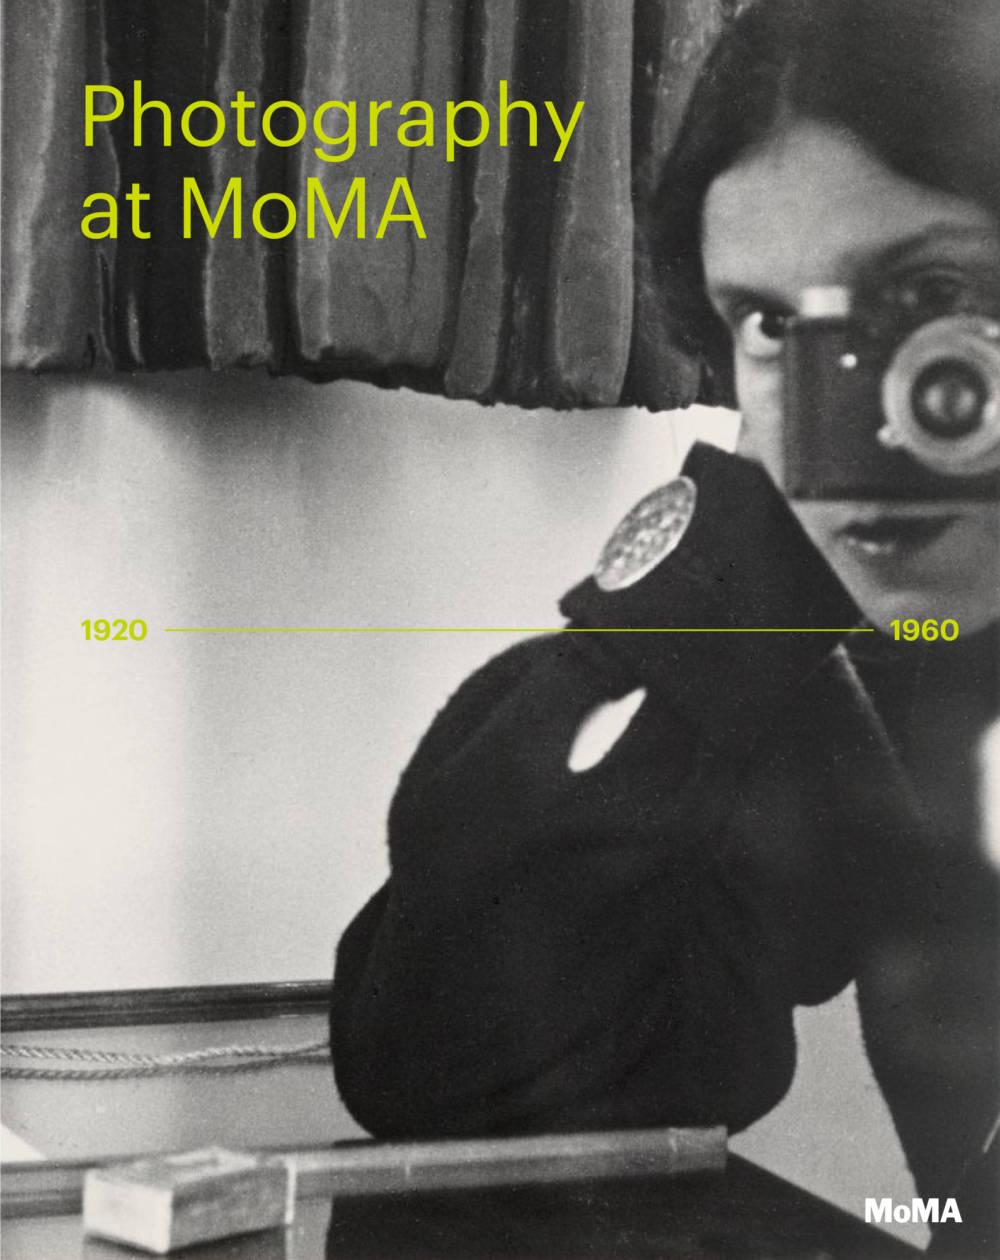 Photography at MoMA 1920-1960